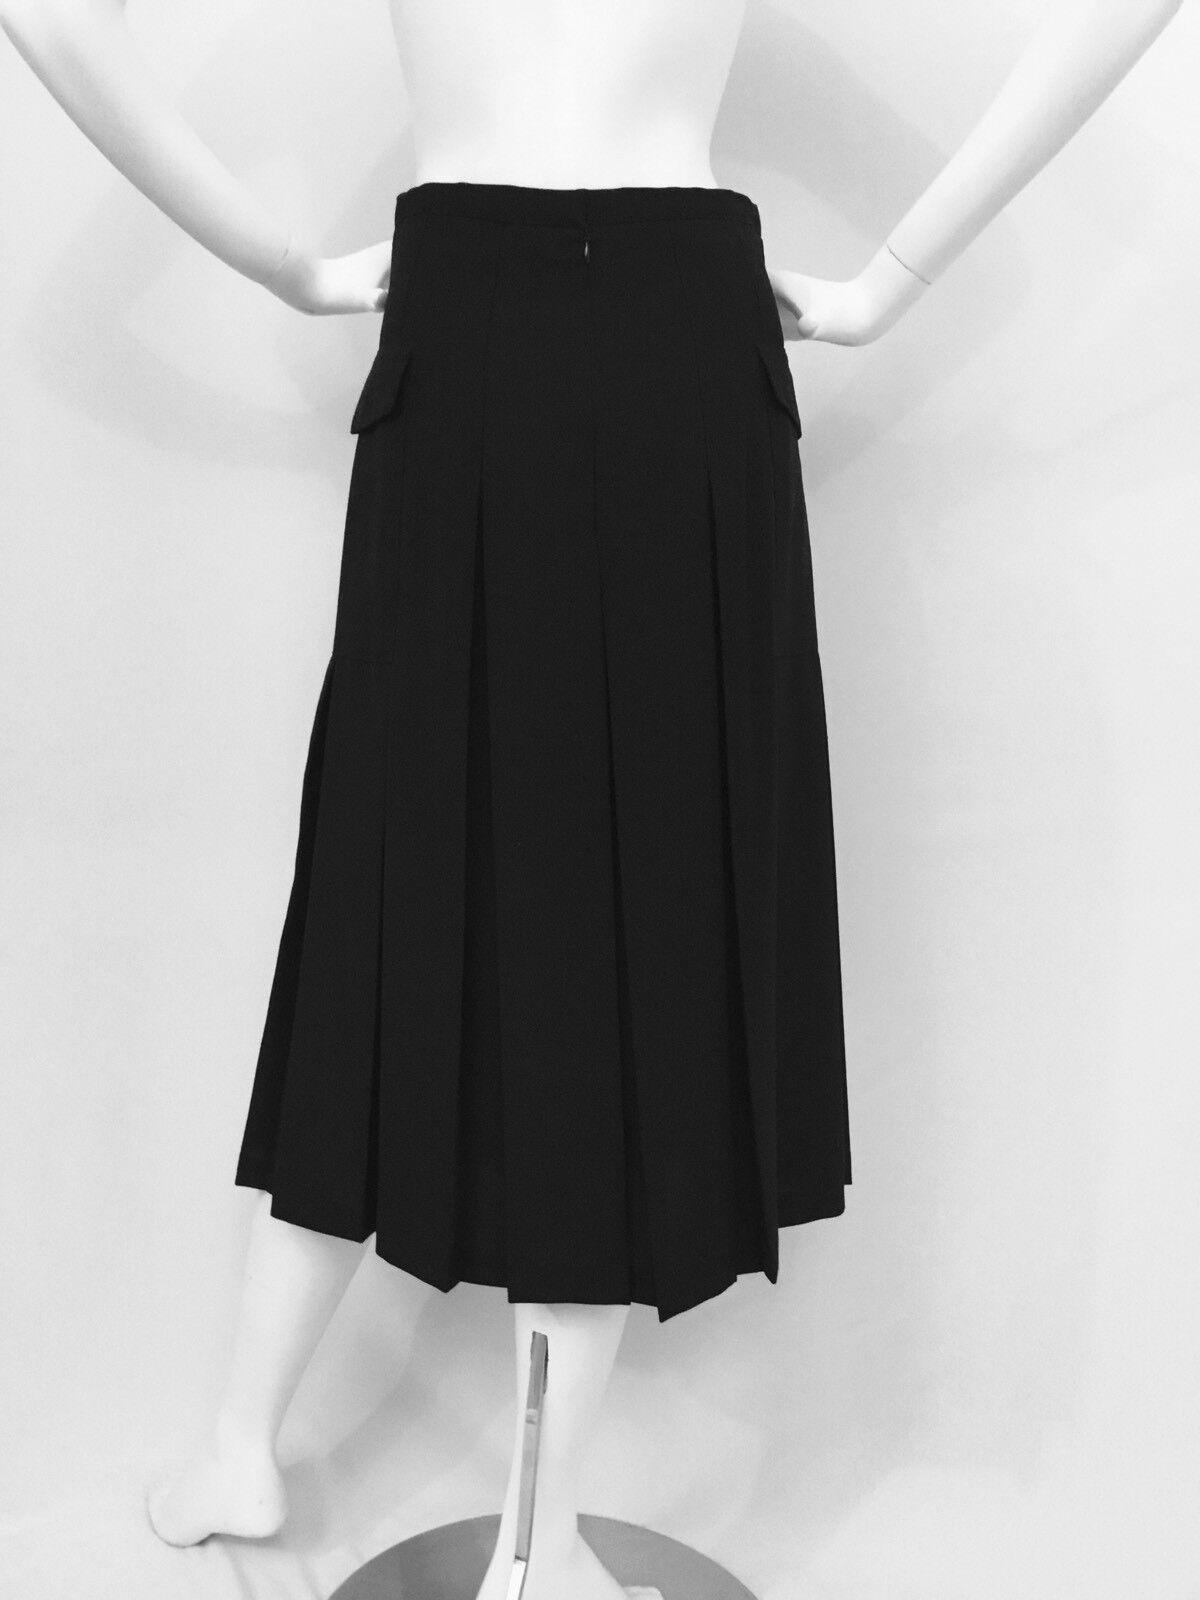 Authentique Nouveau JIL SANDER Plissé A-line laine jupe taille S